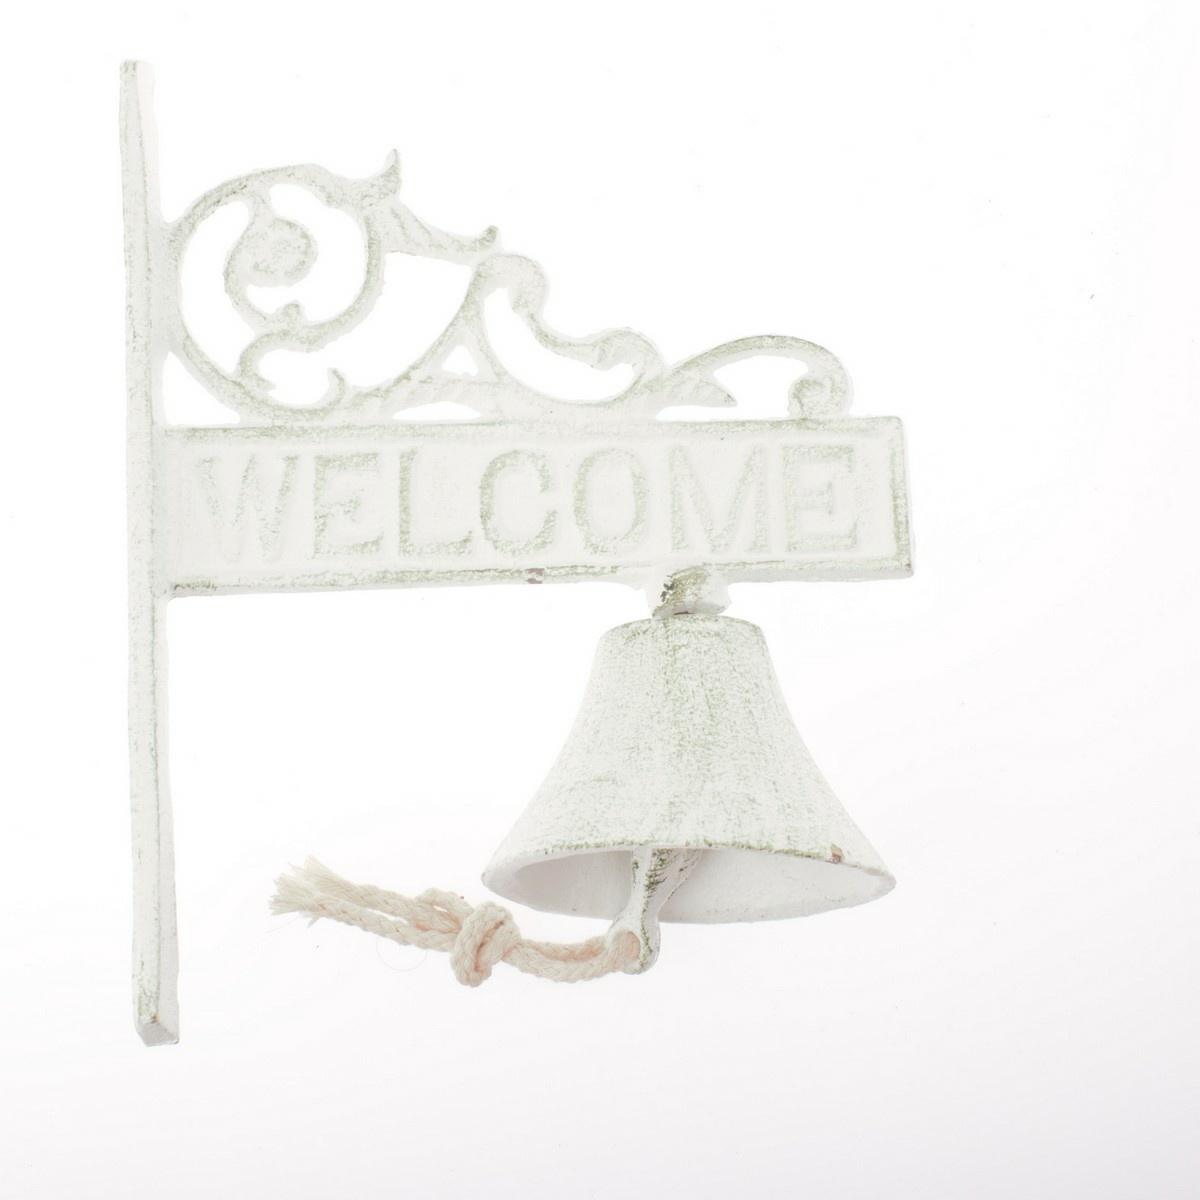 Dzwonek żeliwny do zawieszenia Welcome, 17 x 21 x 9 cm